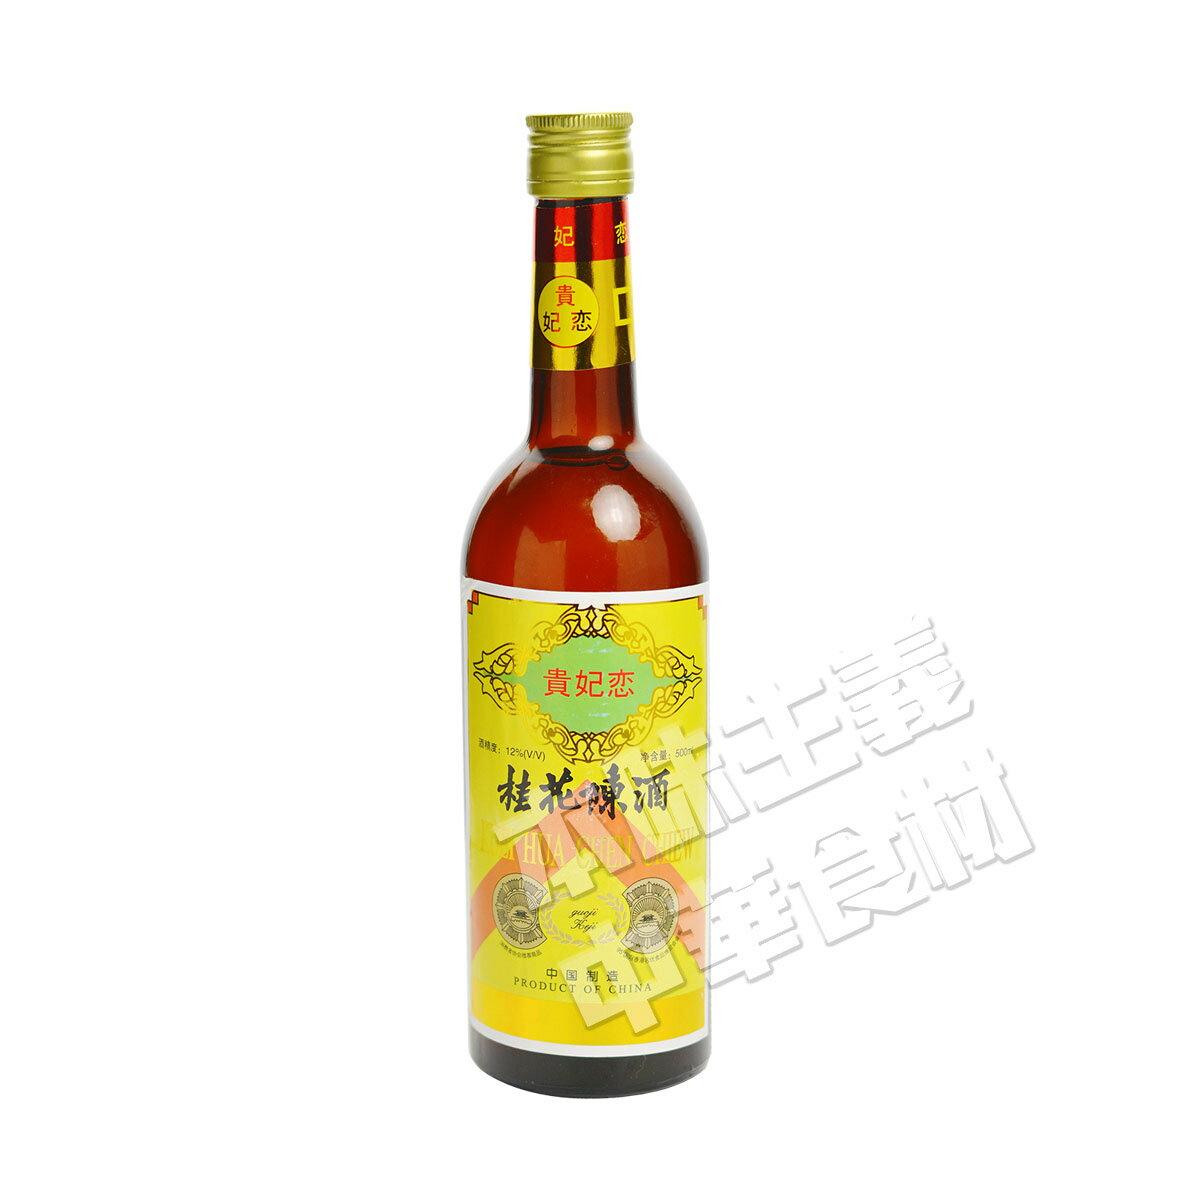 貴妃恋 桂花陳酒 中国名物・中華料理店人気商品・料理用・中華食材